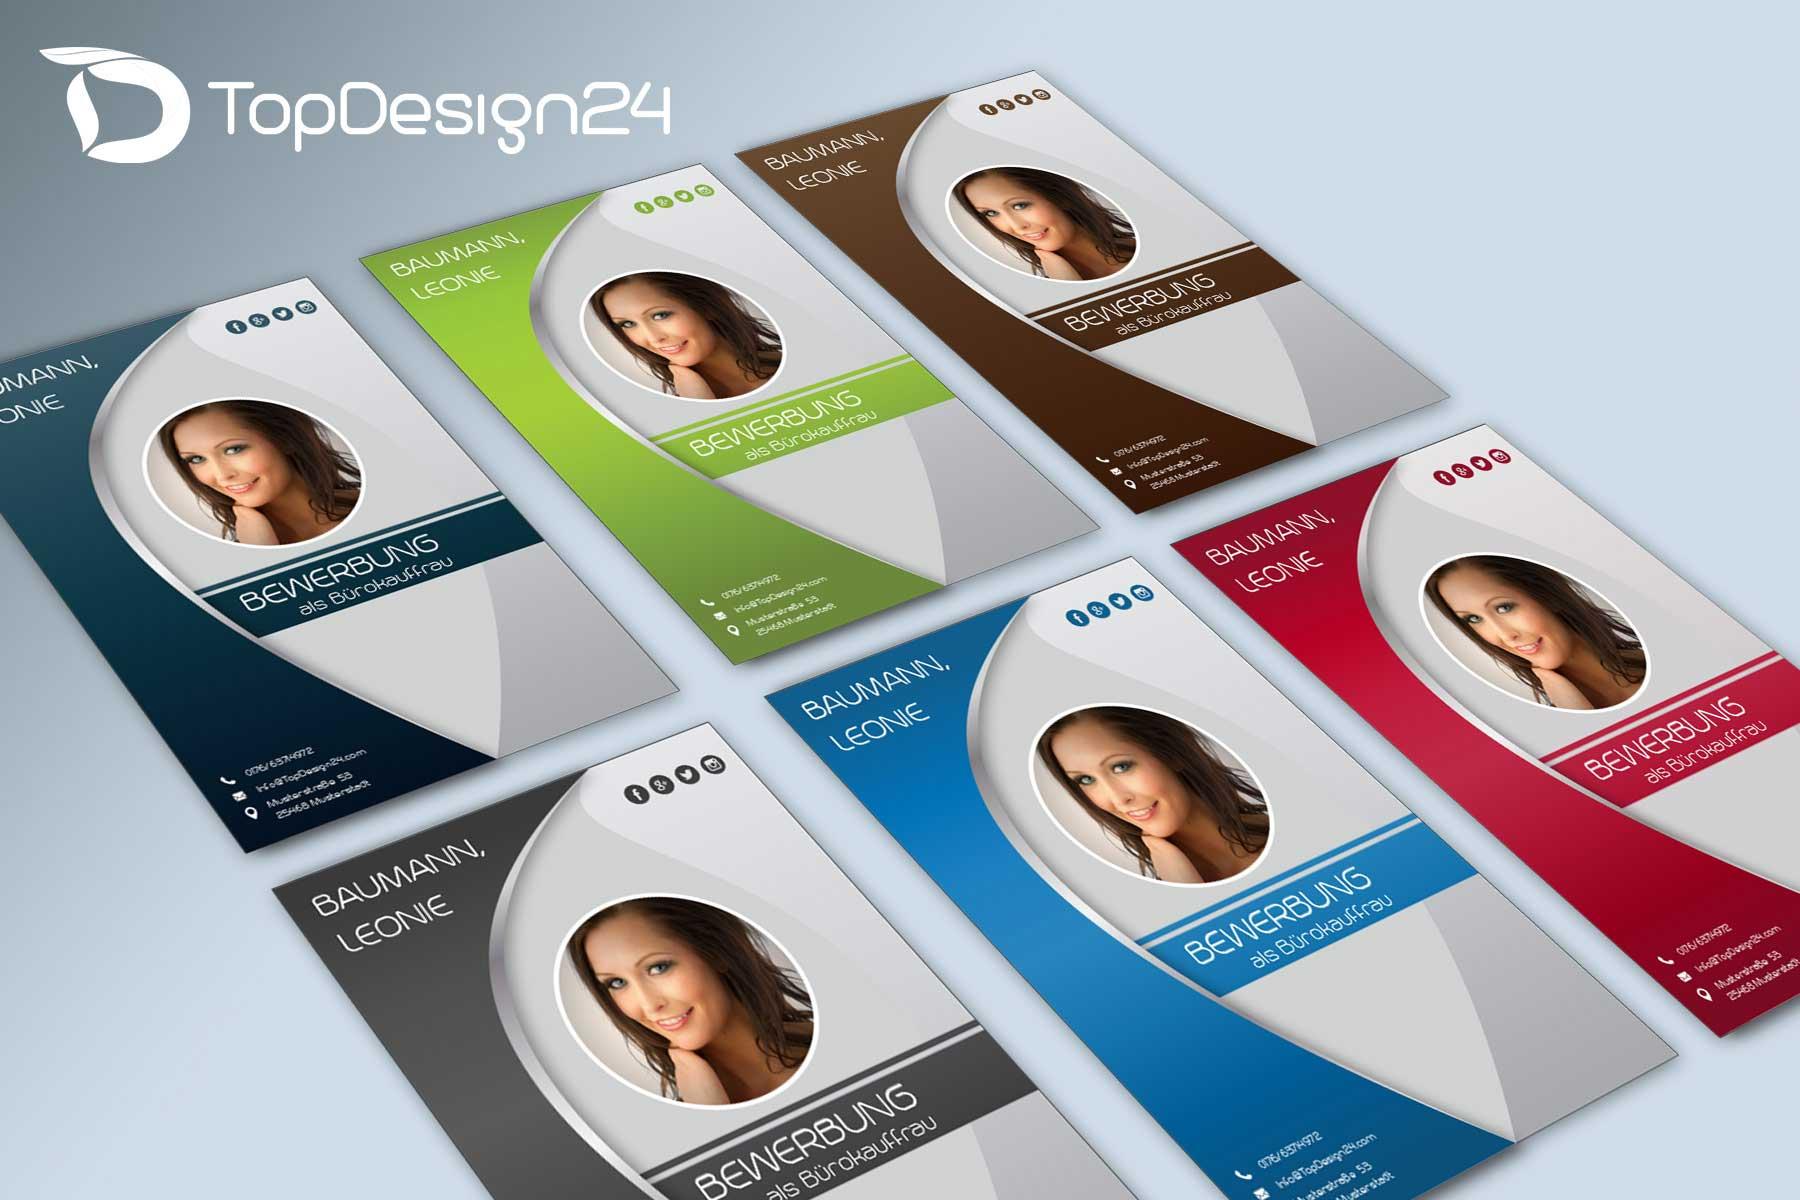 Bewerbung Titelblatt Topdesign24 Passt Sich Ihnen An